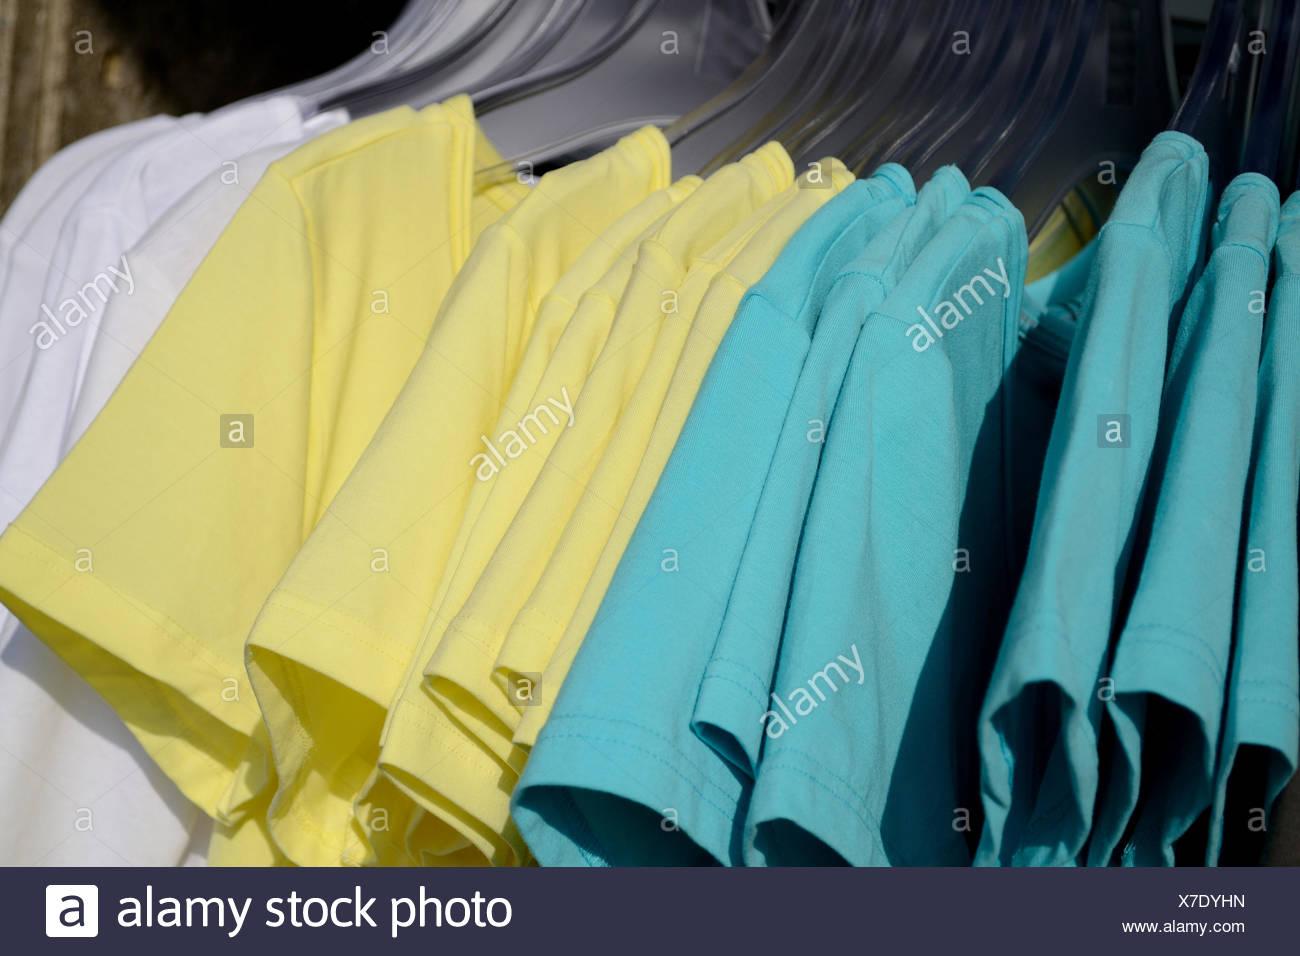 zahlreiche T-Shirts in mehreren Farben auf Kleiderstaender zur Auswahl - Stock Image